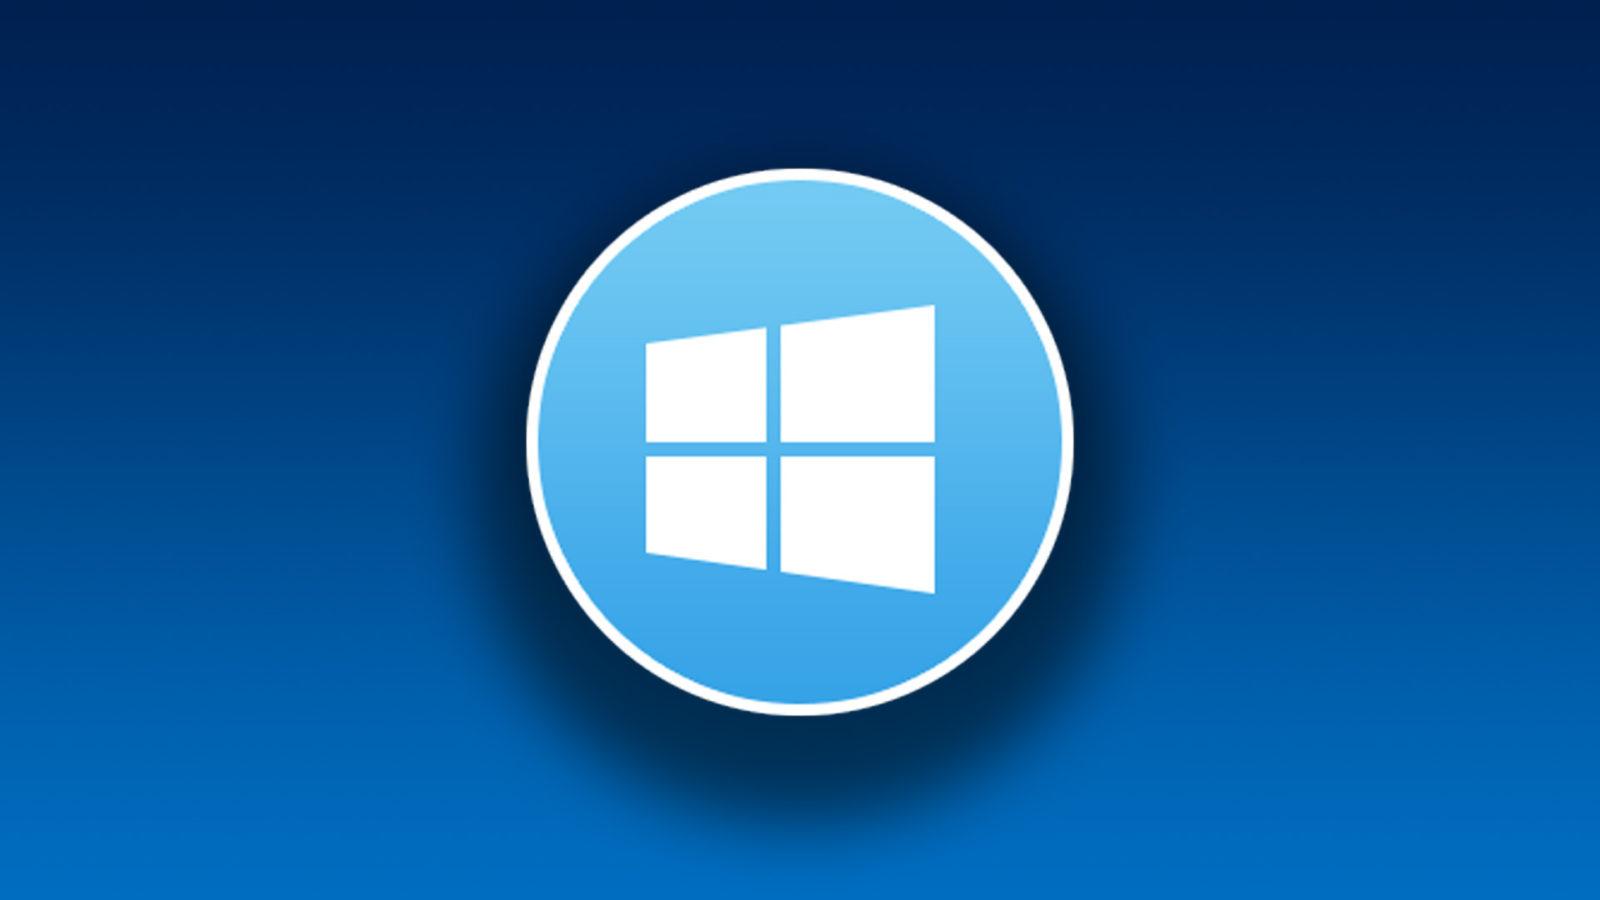 Windows 10: in arrivo il Game Mode, annunciato da Microsoft